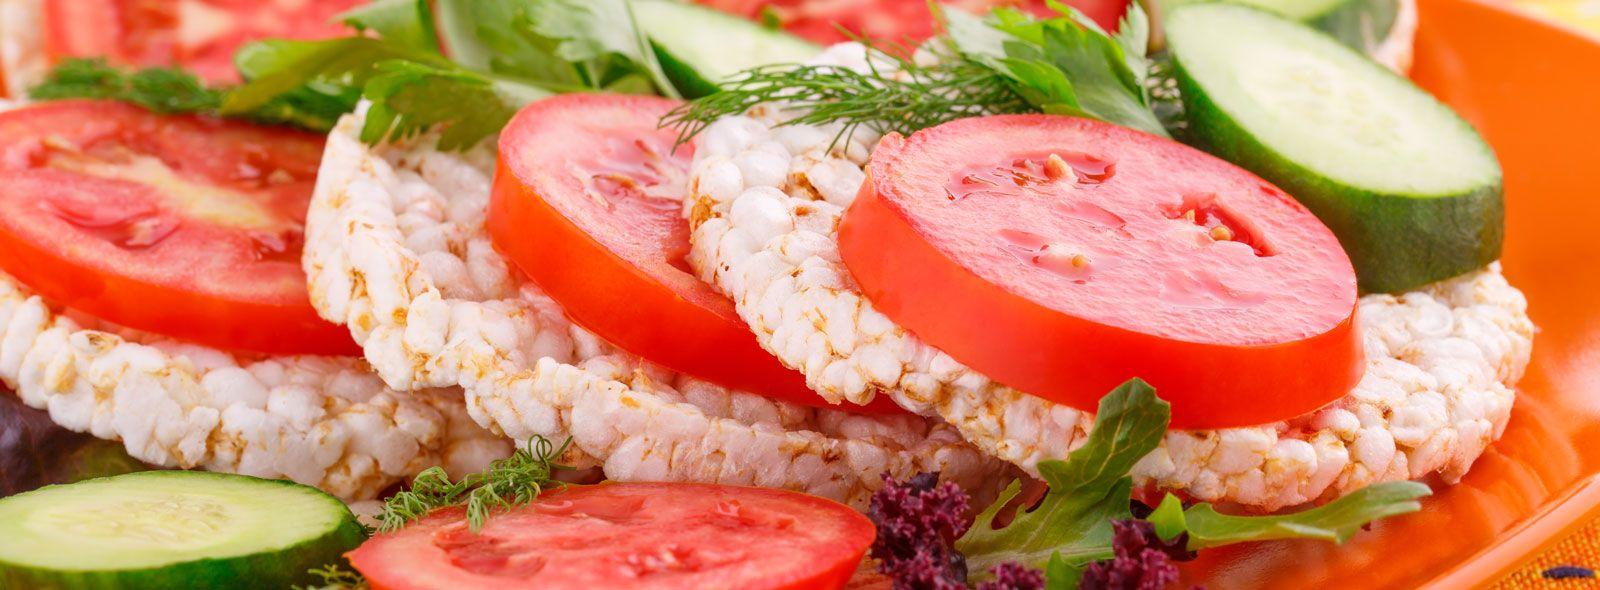 Gallette di riso fanno male?